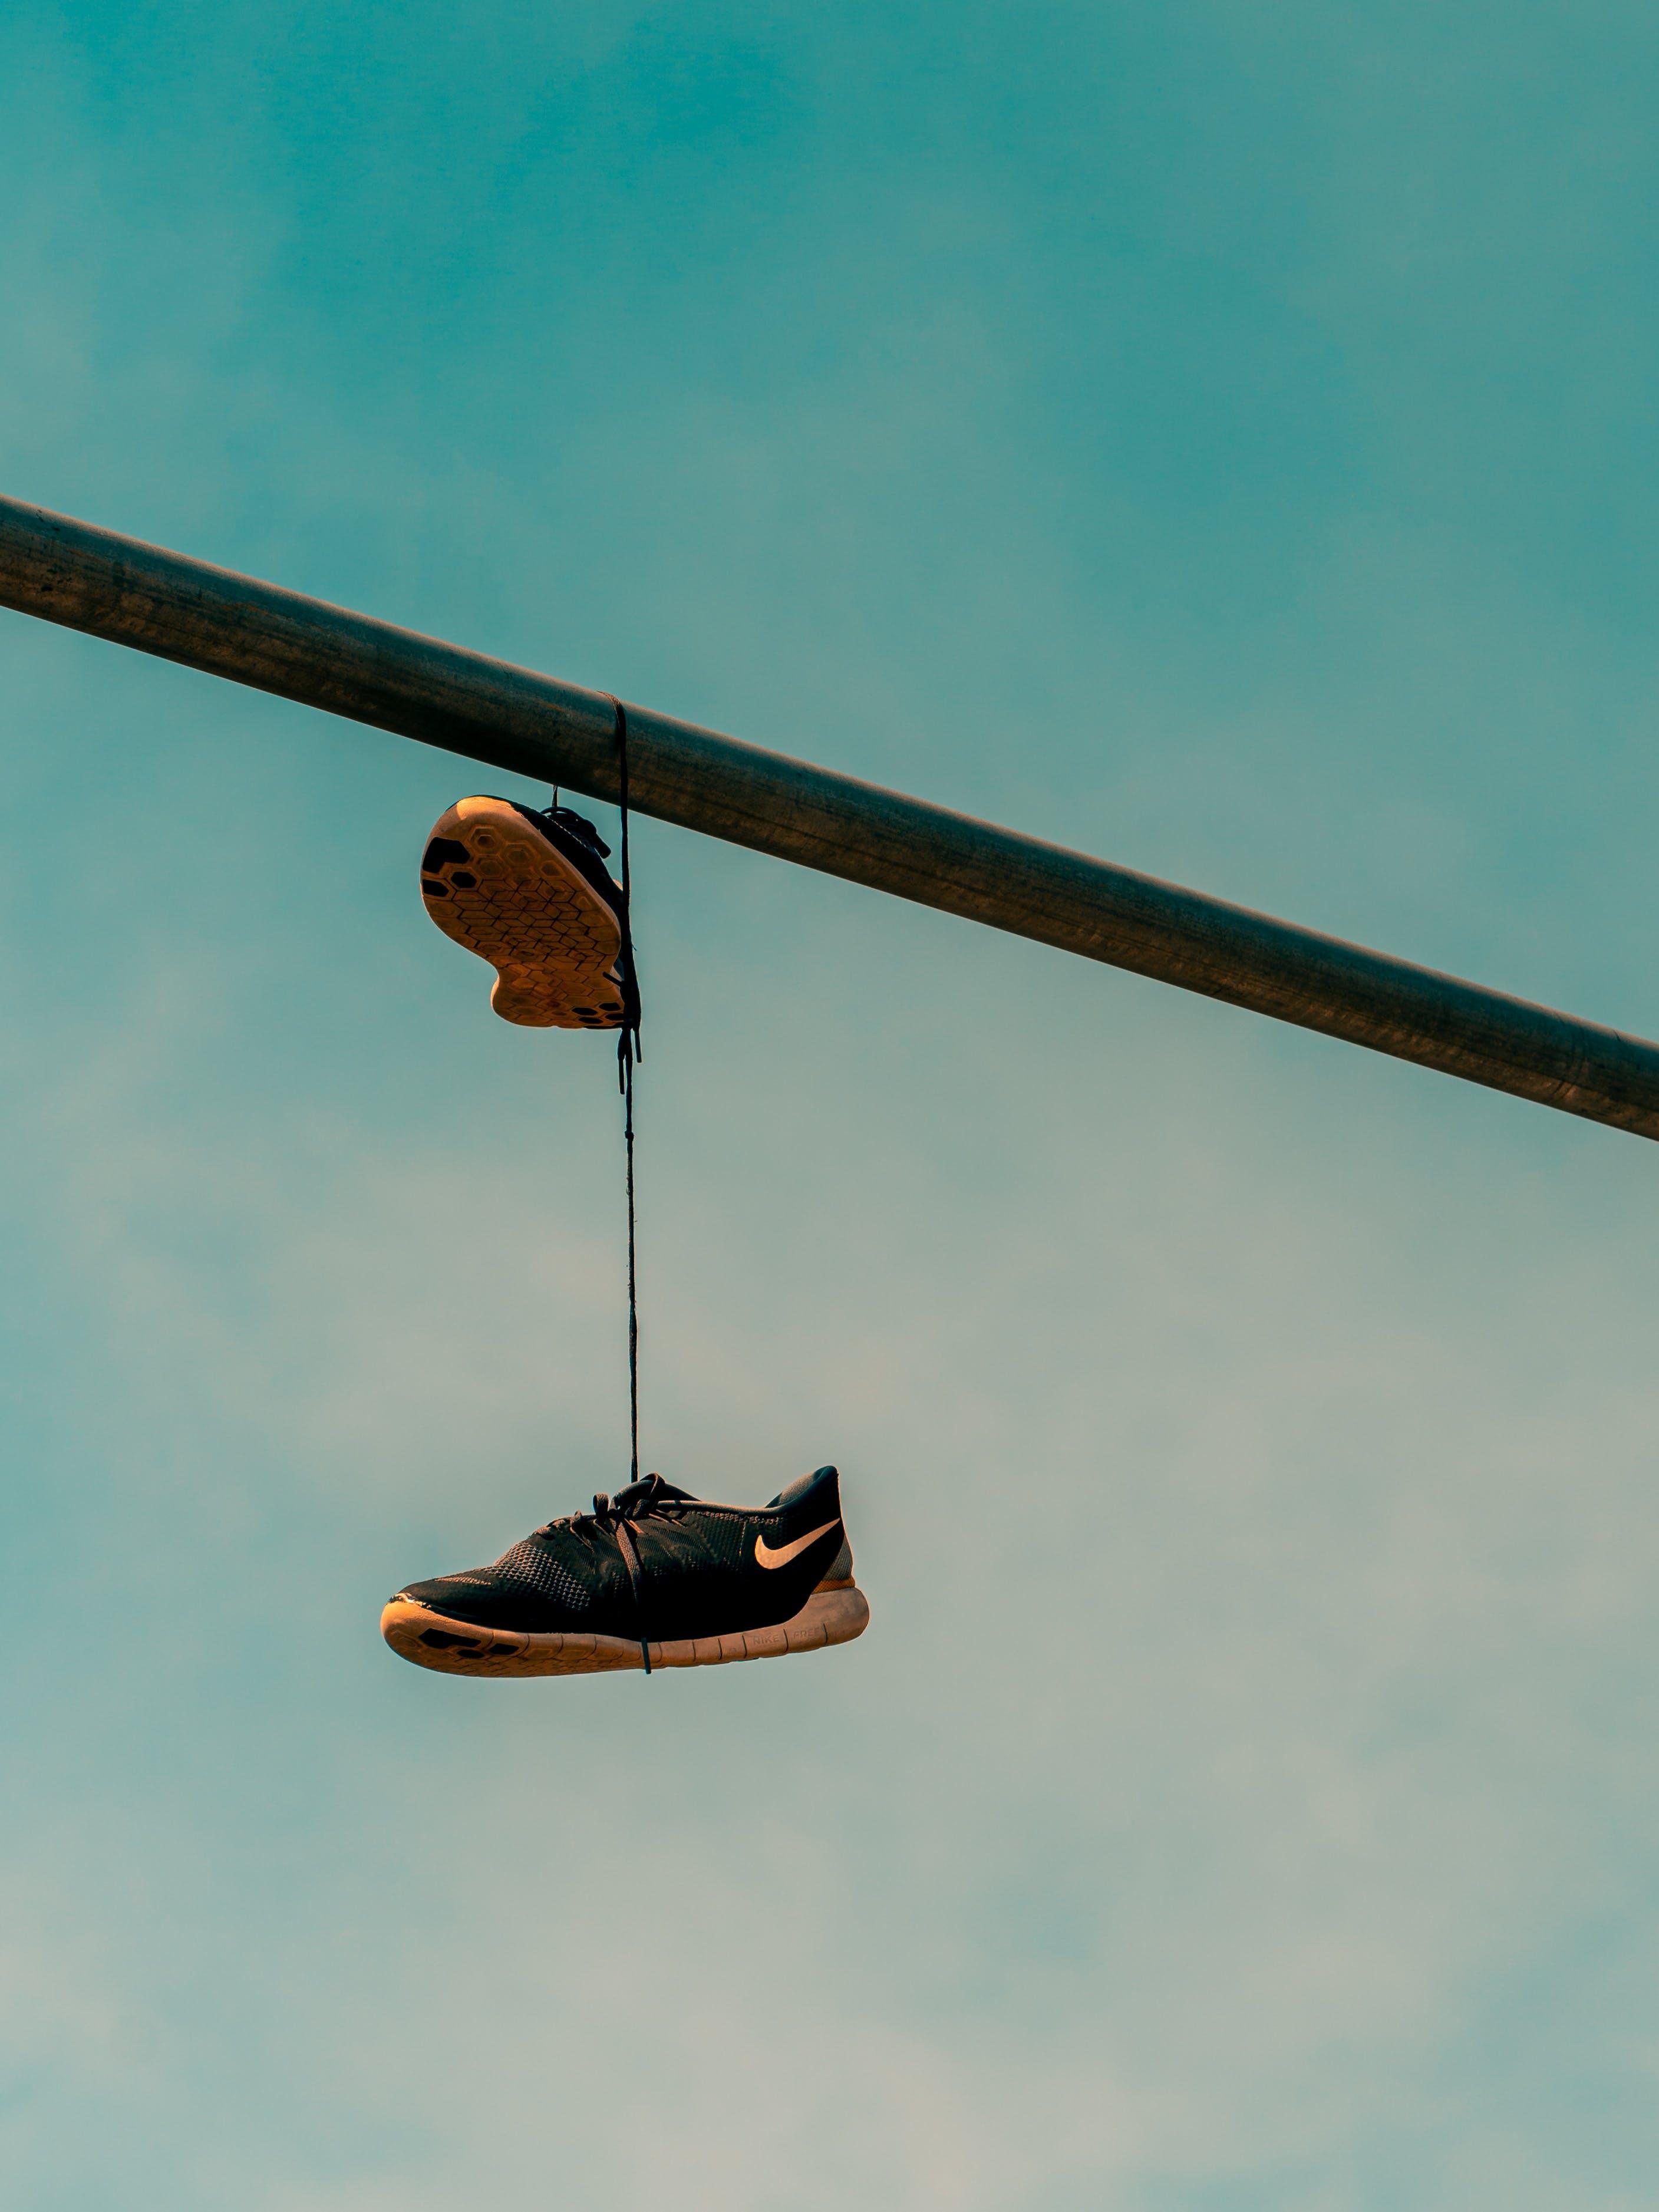 Black Nike Sneakers Hanged on Gray Metal Bar